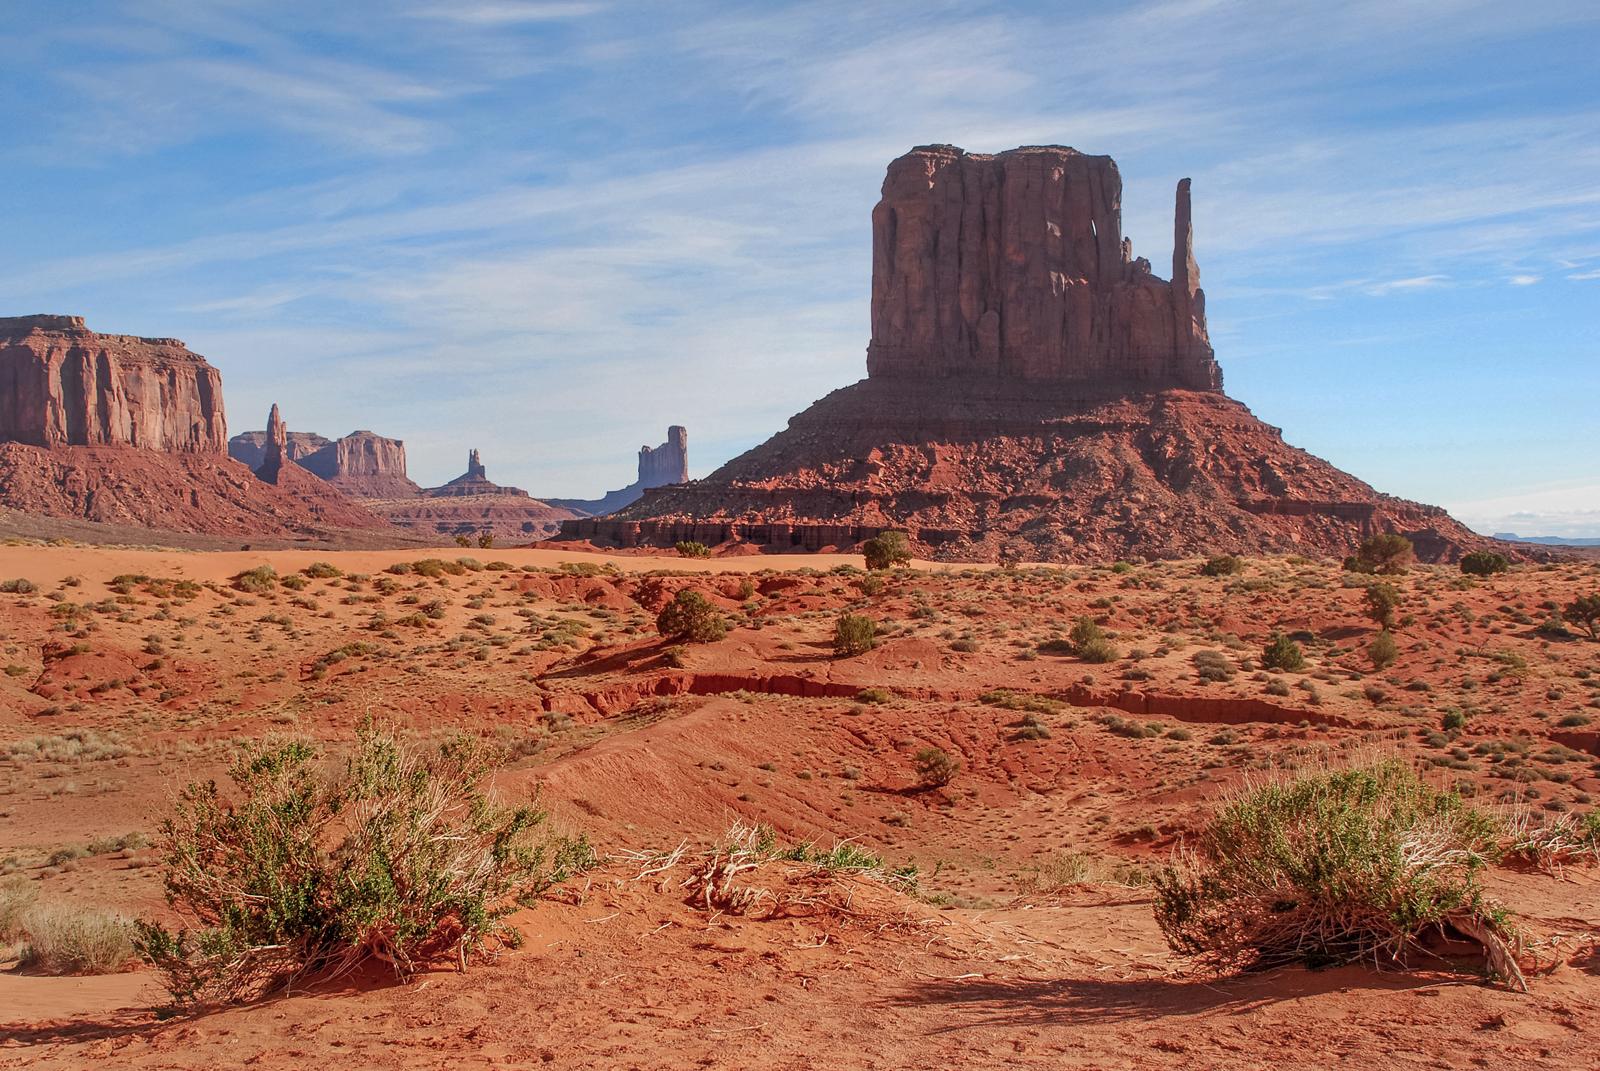 Monument Valley view - Derek